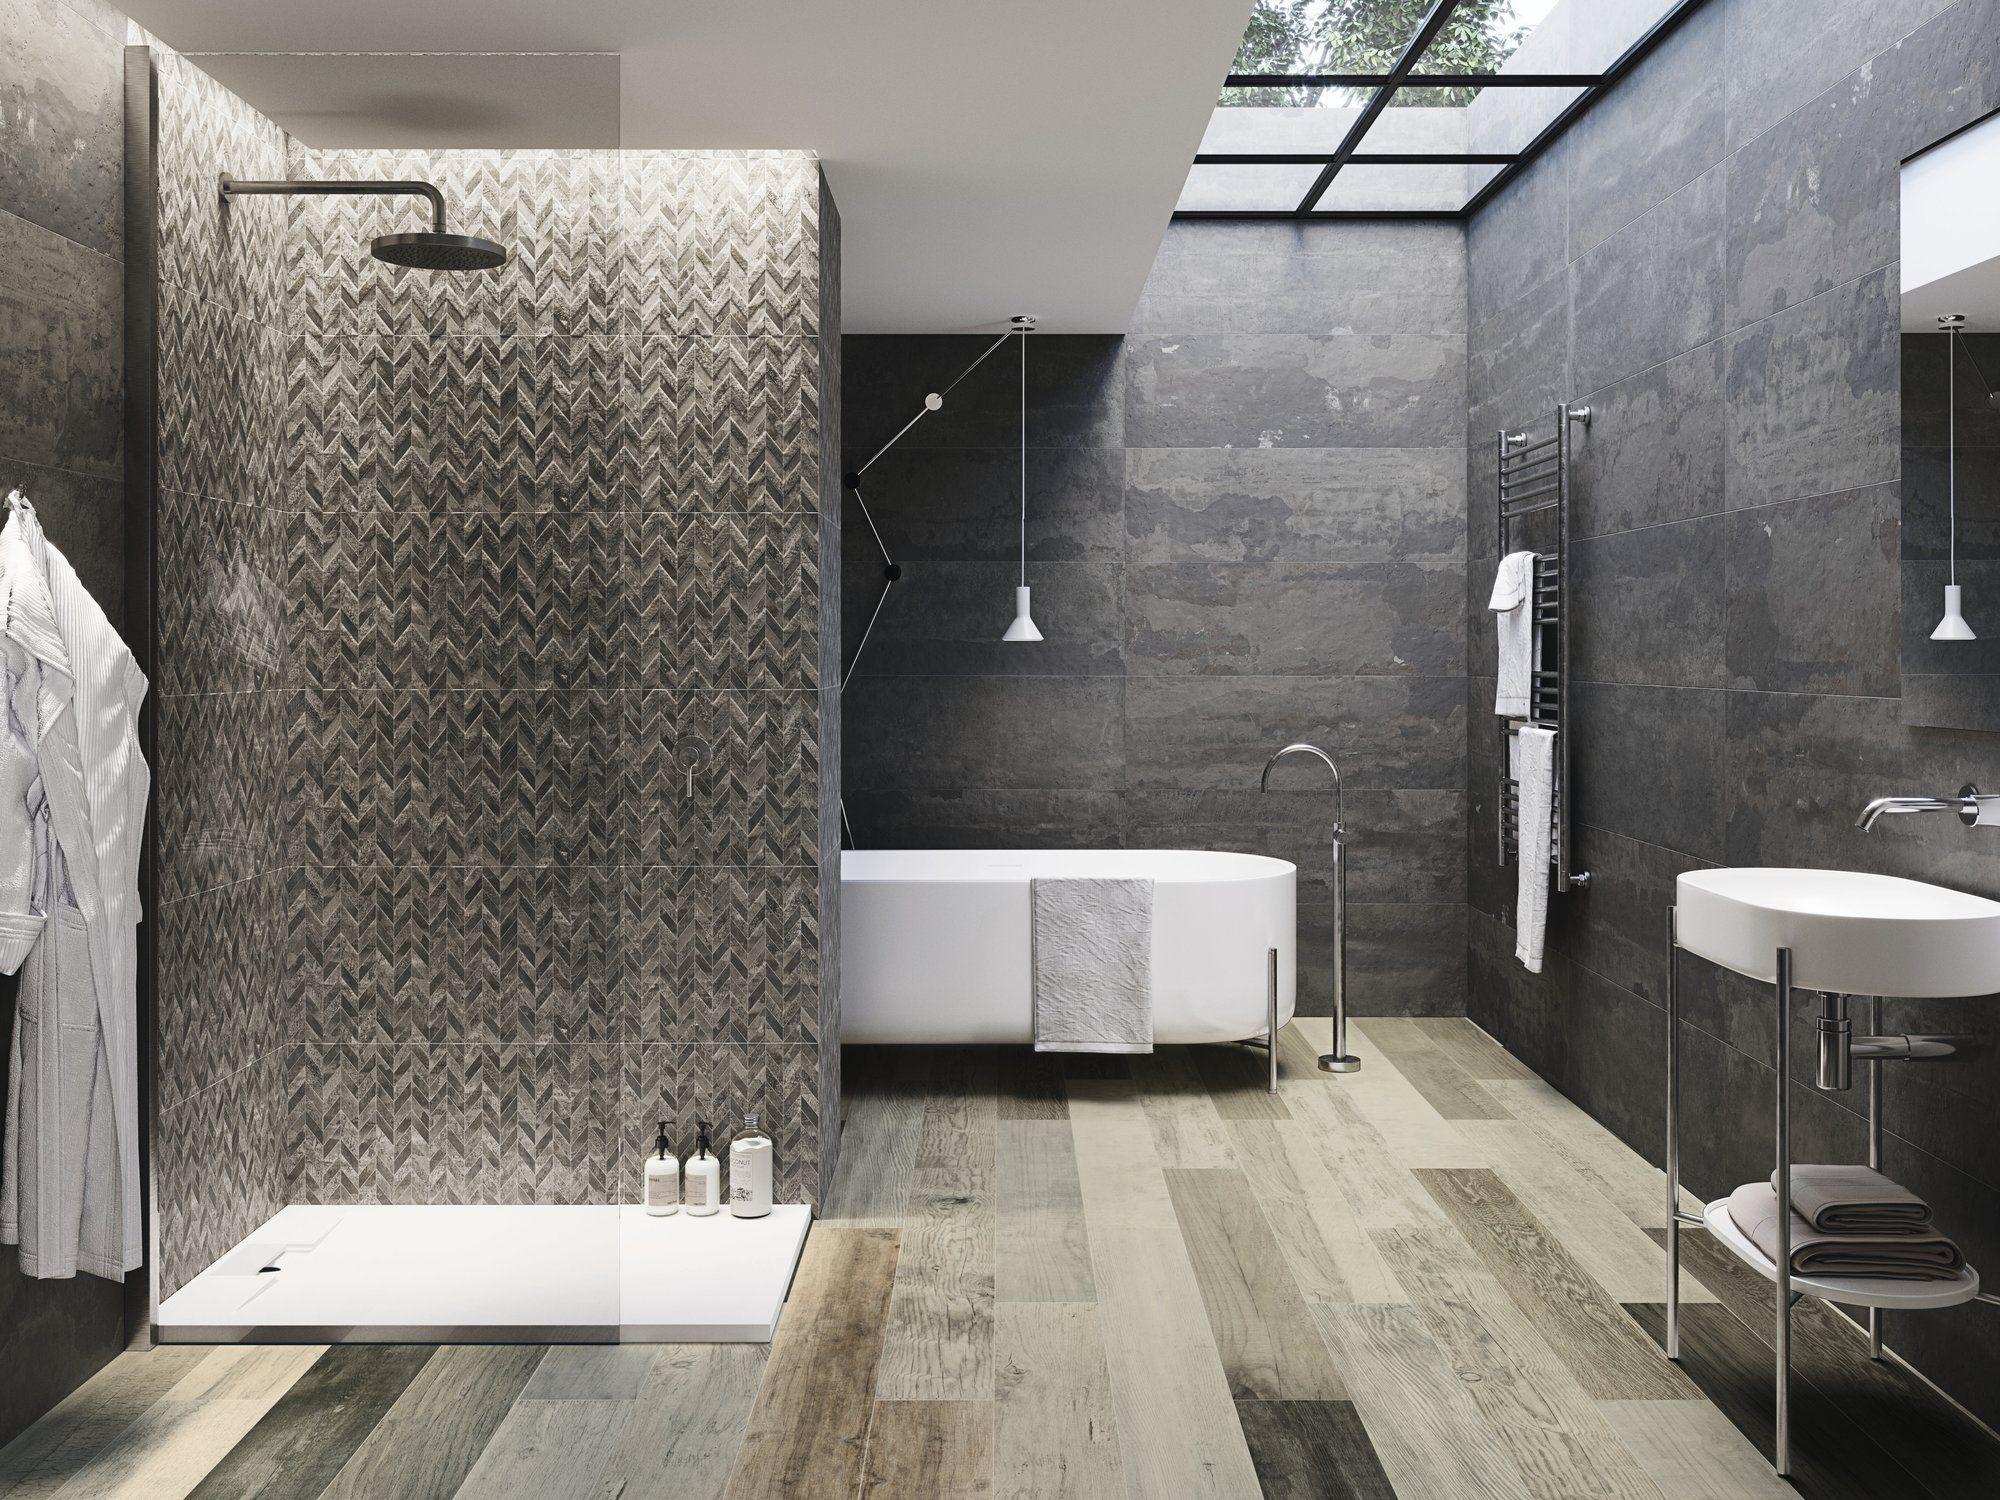 Exclusief Vloertegel Badkamer : Vloertegels kopen de goedkoopste tegels voor iedere vloer rb